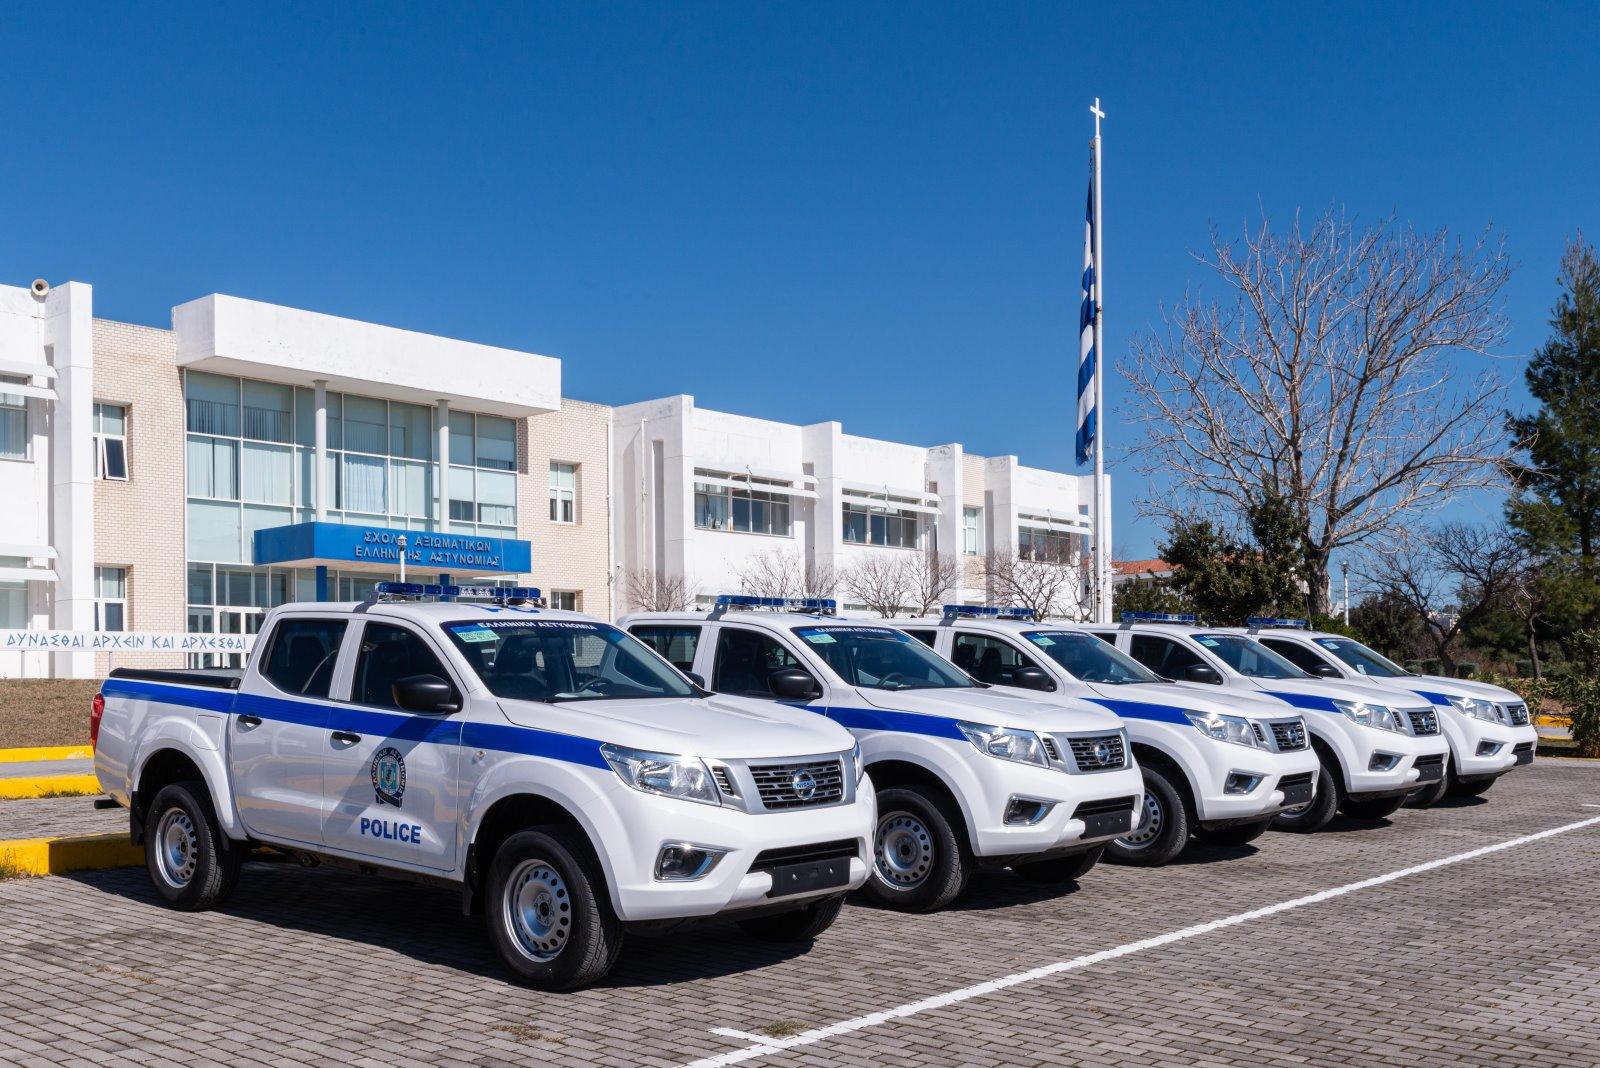 ΑΜΘ: Ενισχύεται ο στόλος της Αστυνομίας με 6 νέα οχήματα [ΦΩΤΟ]